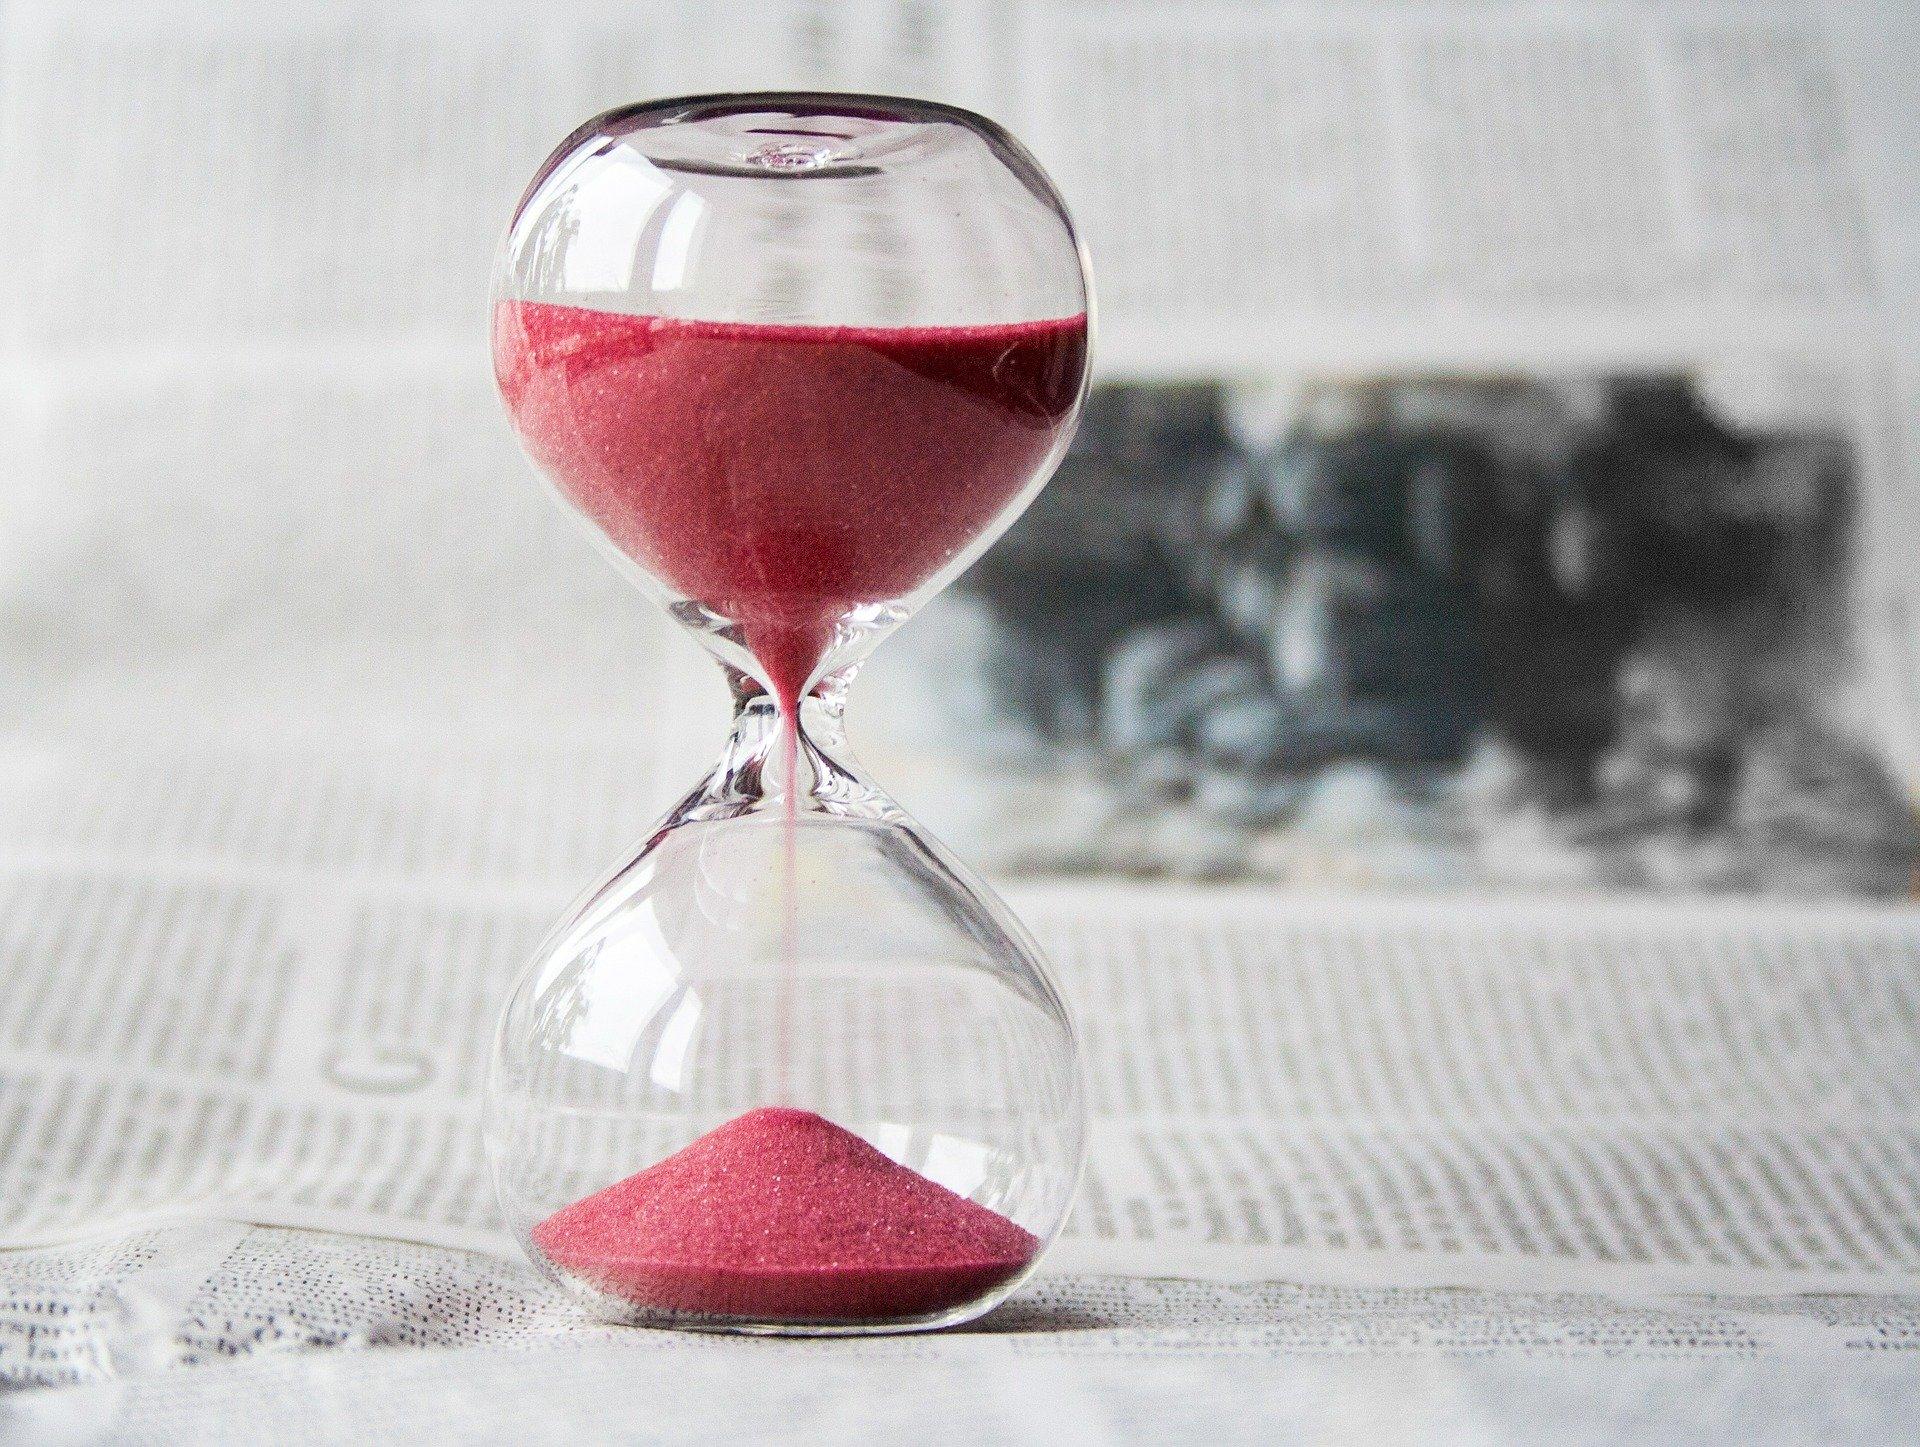 Faire une thèse, ça prend combien de temps ?